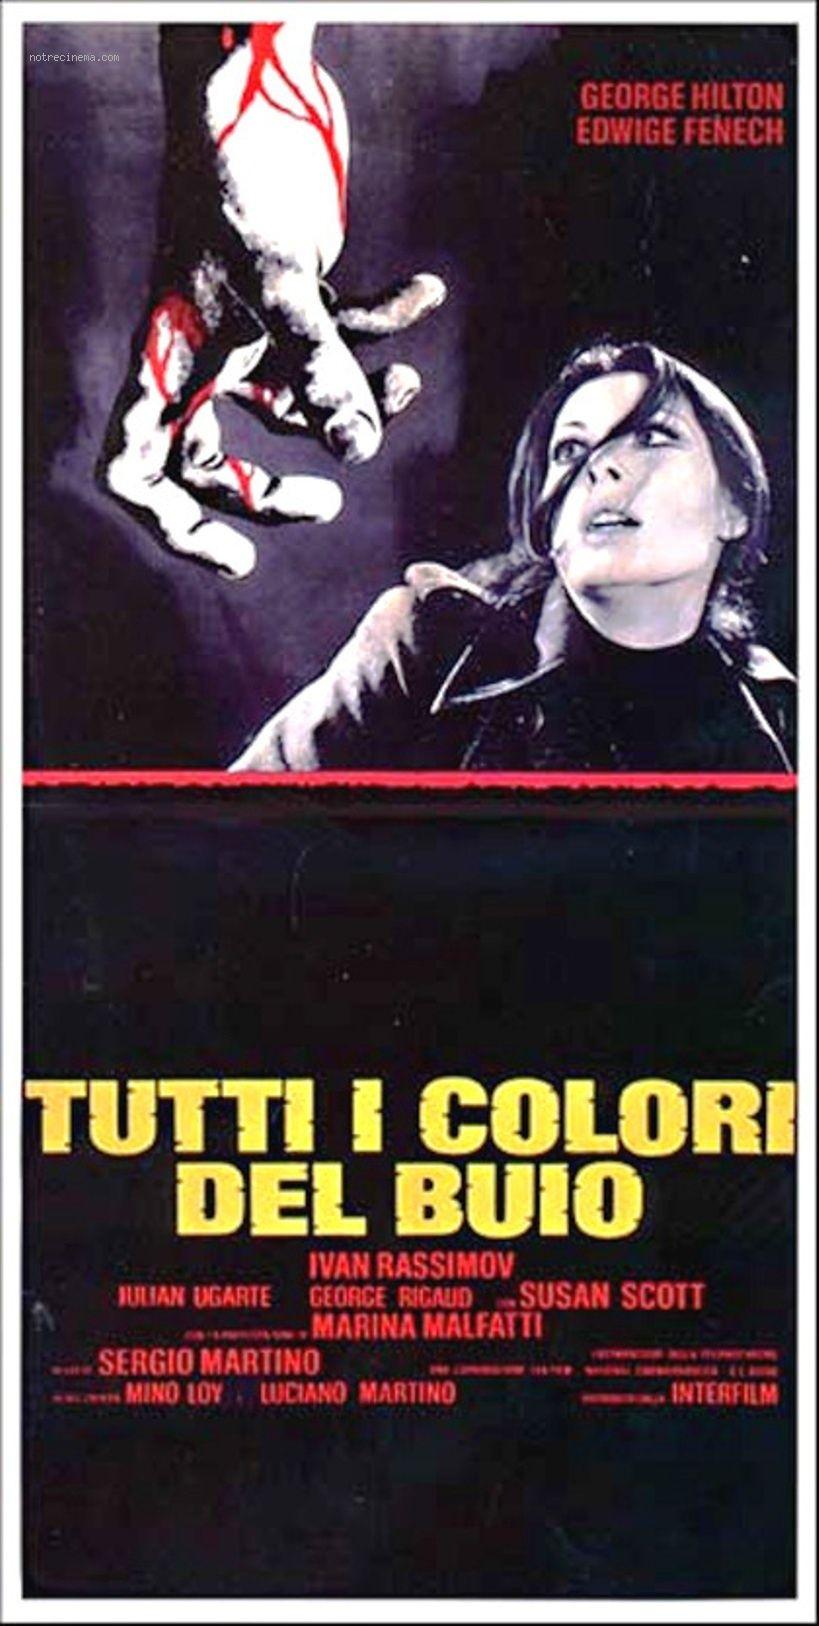 Tutti i colori del buio. Sergio Martino, 1972